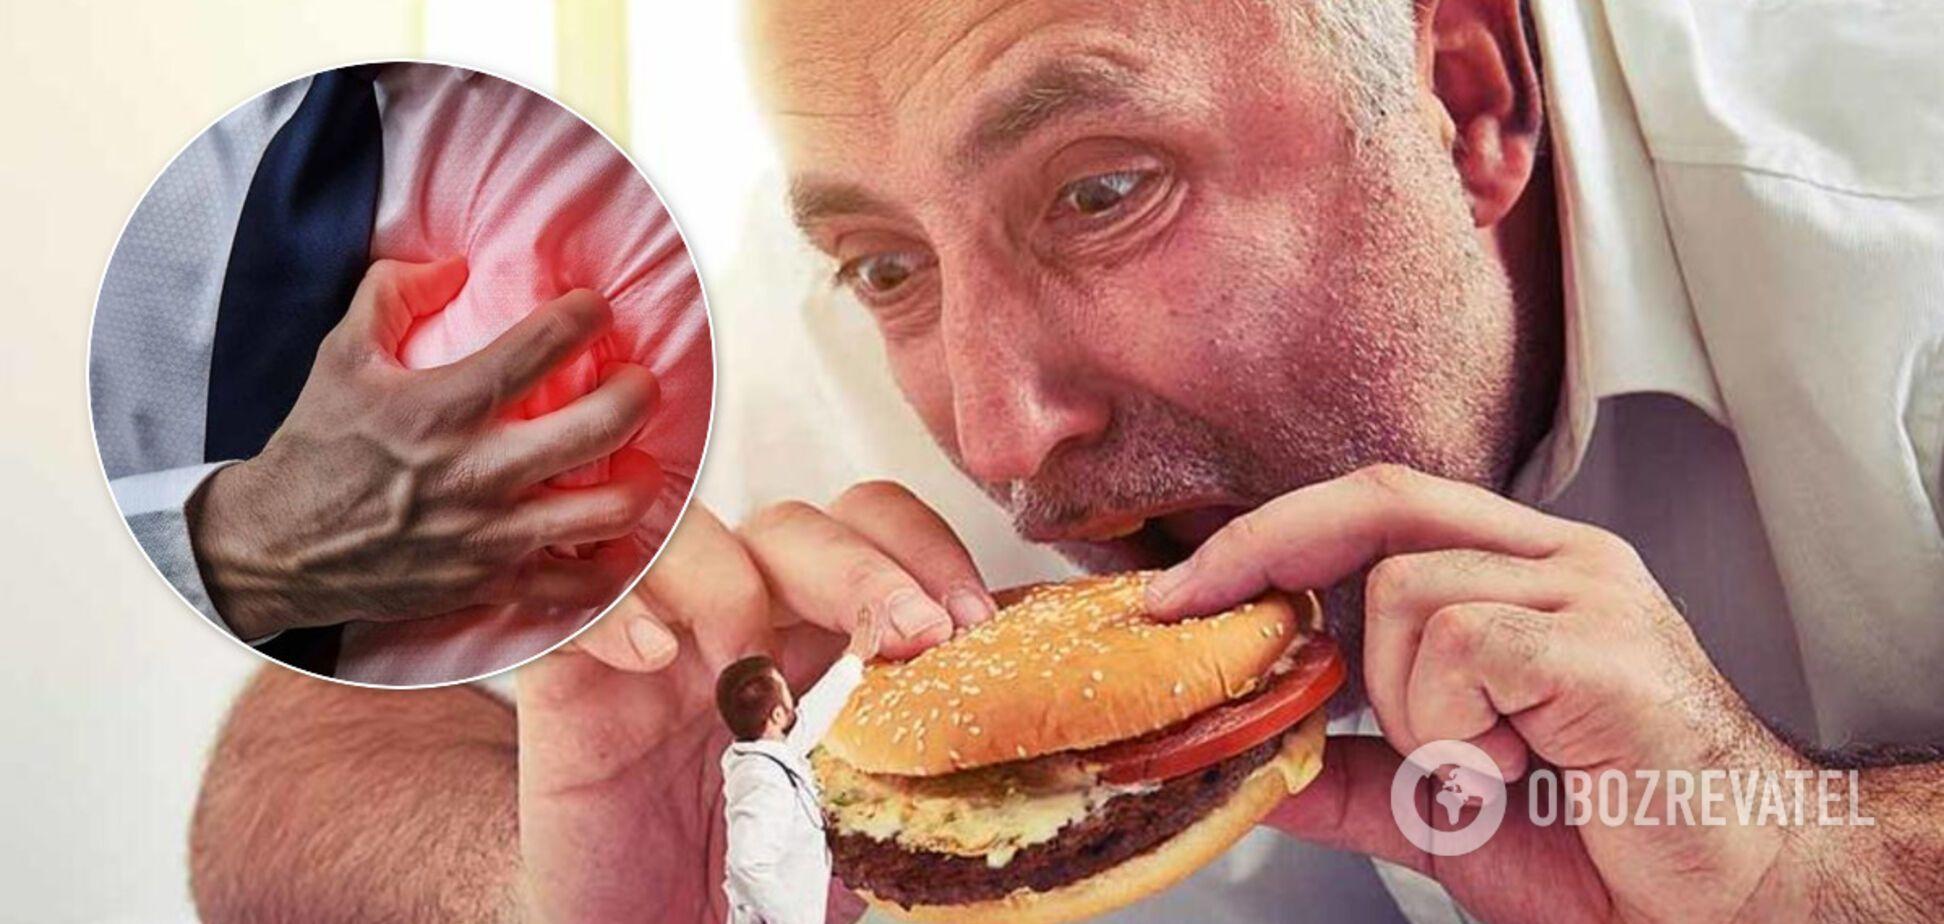 Названы три опасных продукта, провоцирующих инфаркт